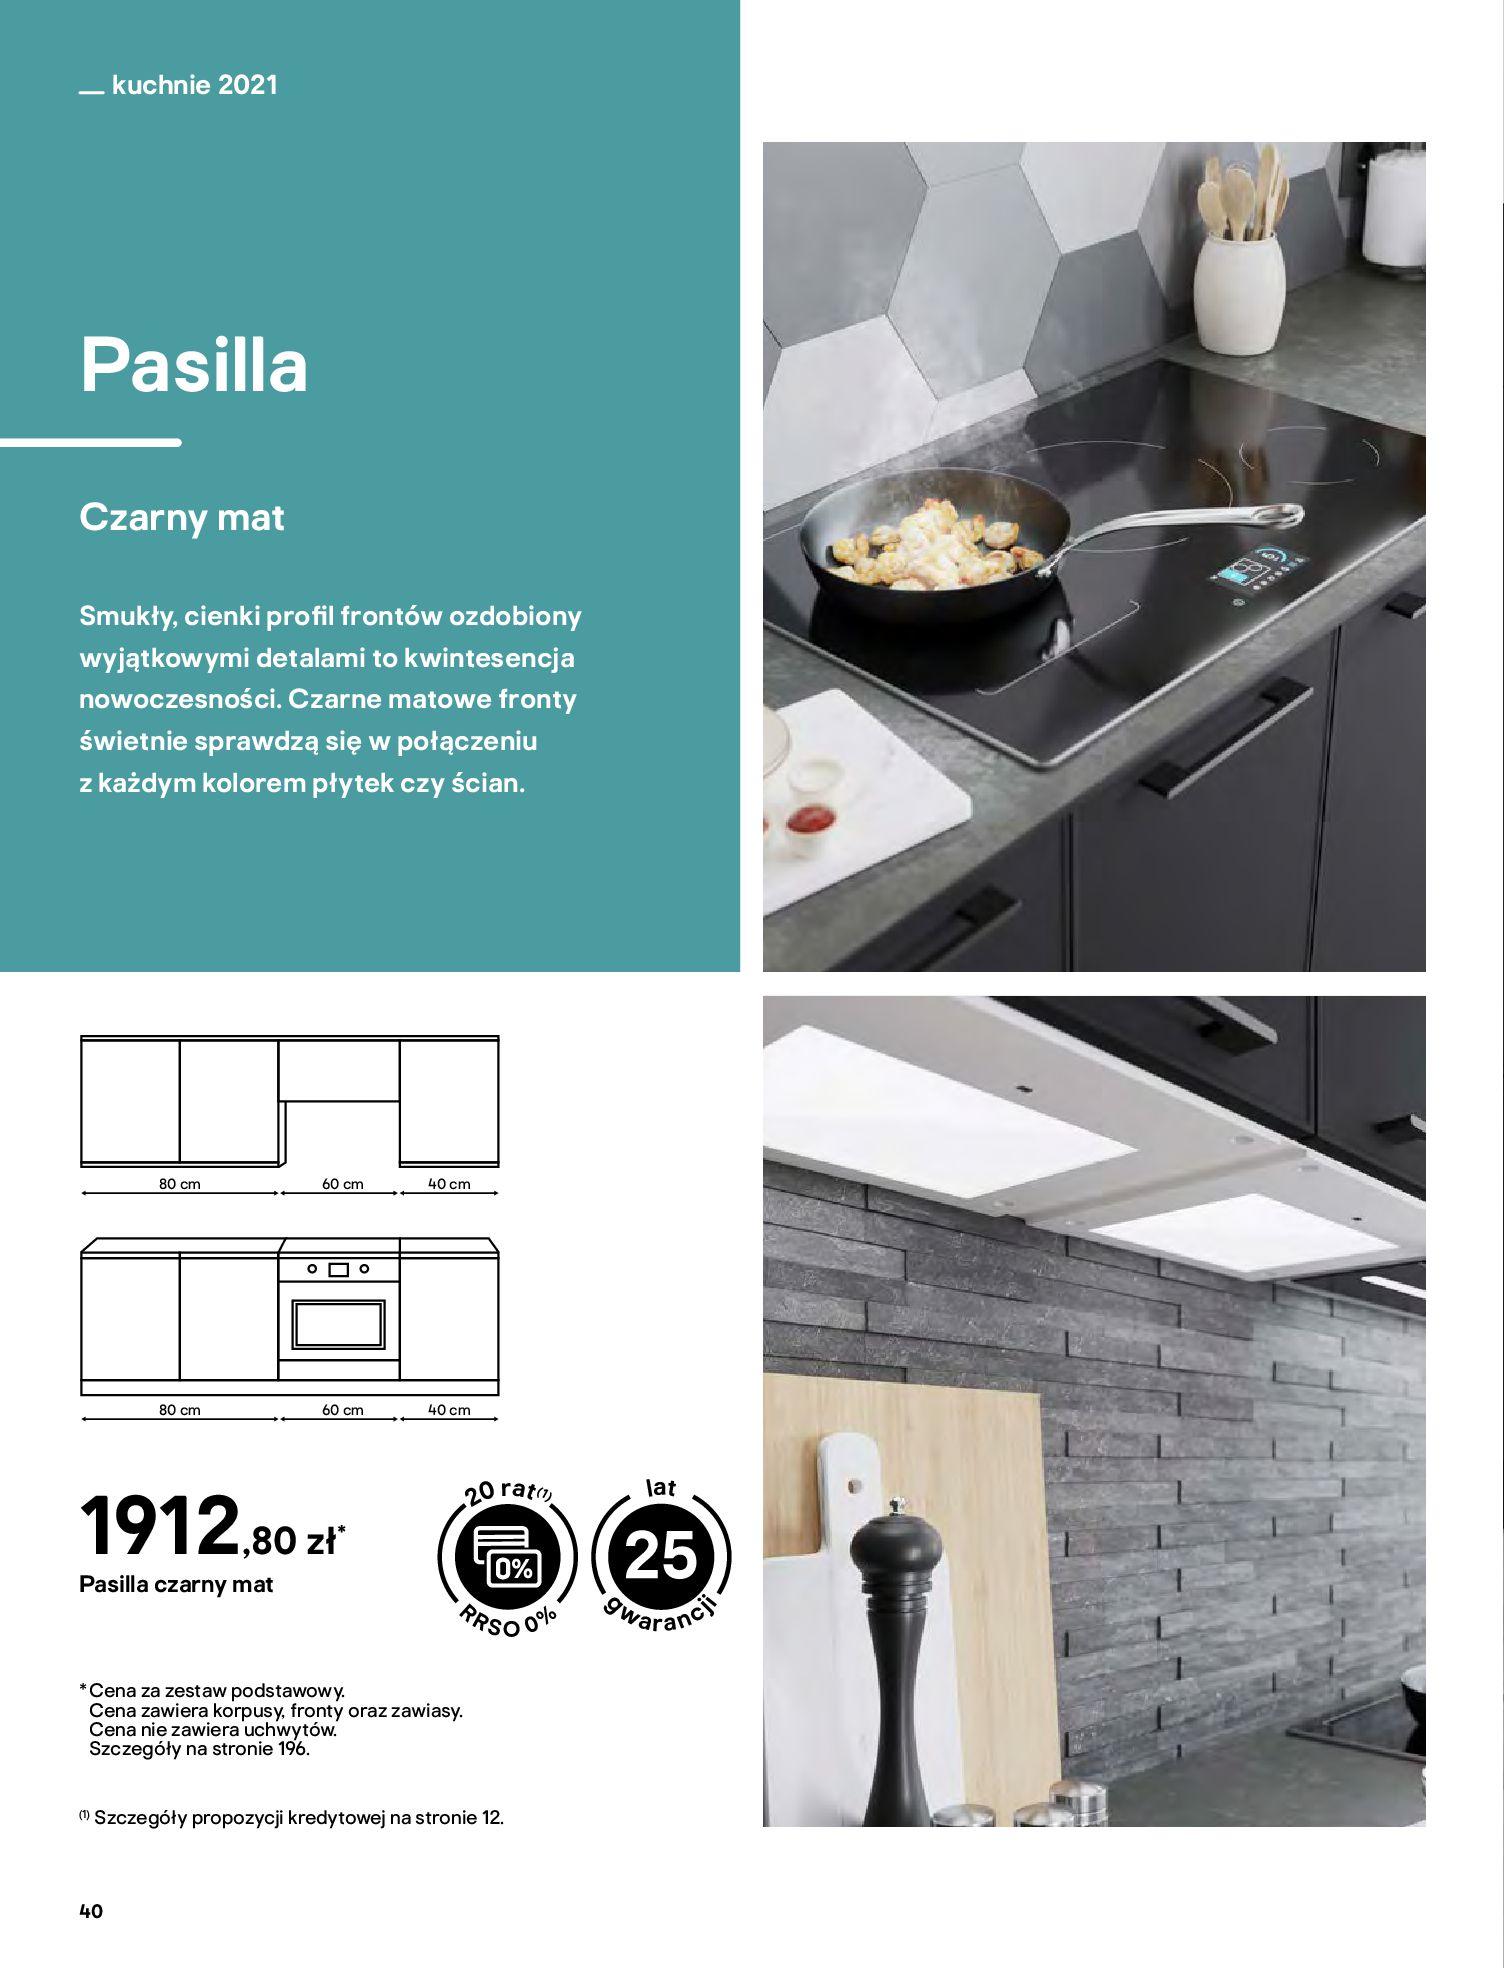 Gazetka Castorama: Katalog kuchnie 2021 2021-05-04 page-40